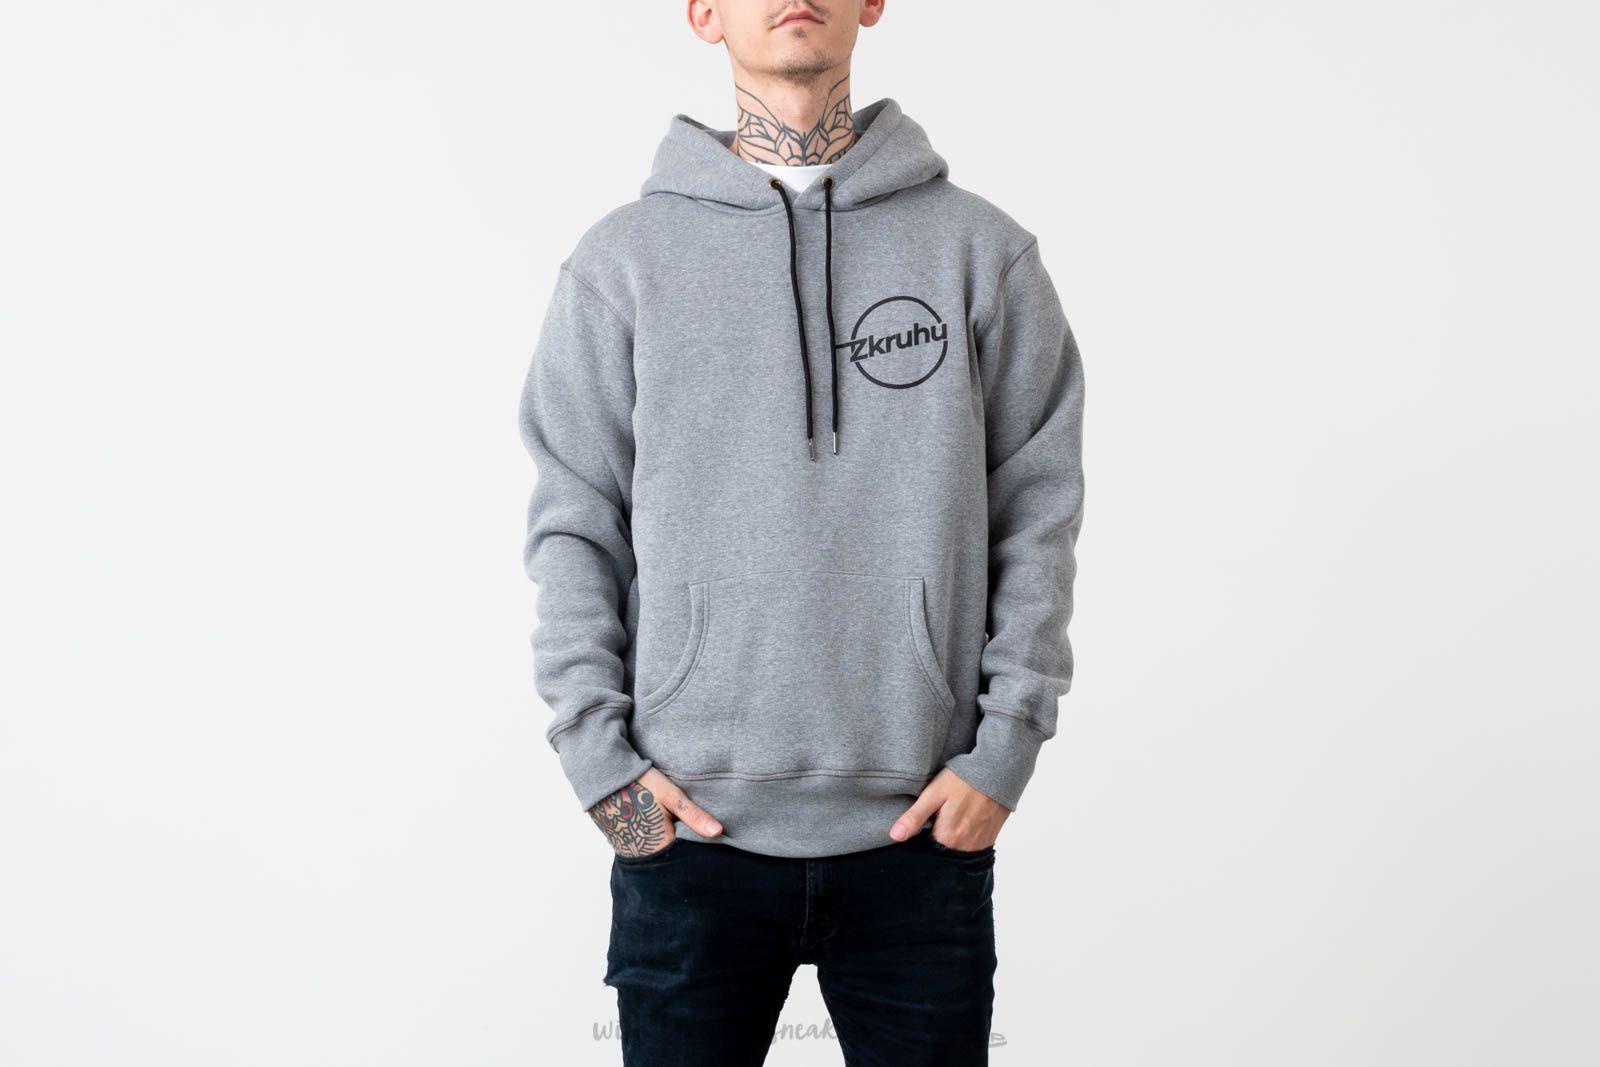 Zkruhu x FTSHP Hoodie Grey za skvelú cenu 29 € kúpite na Footshop.sk